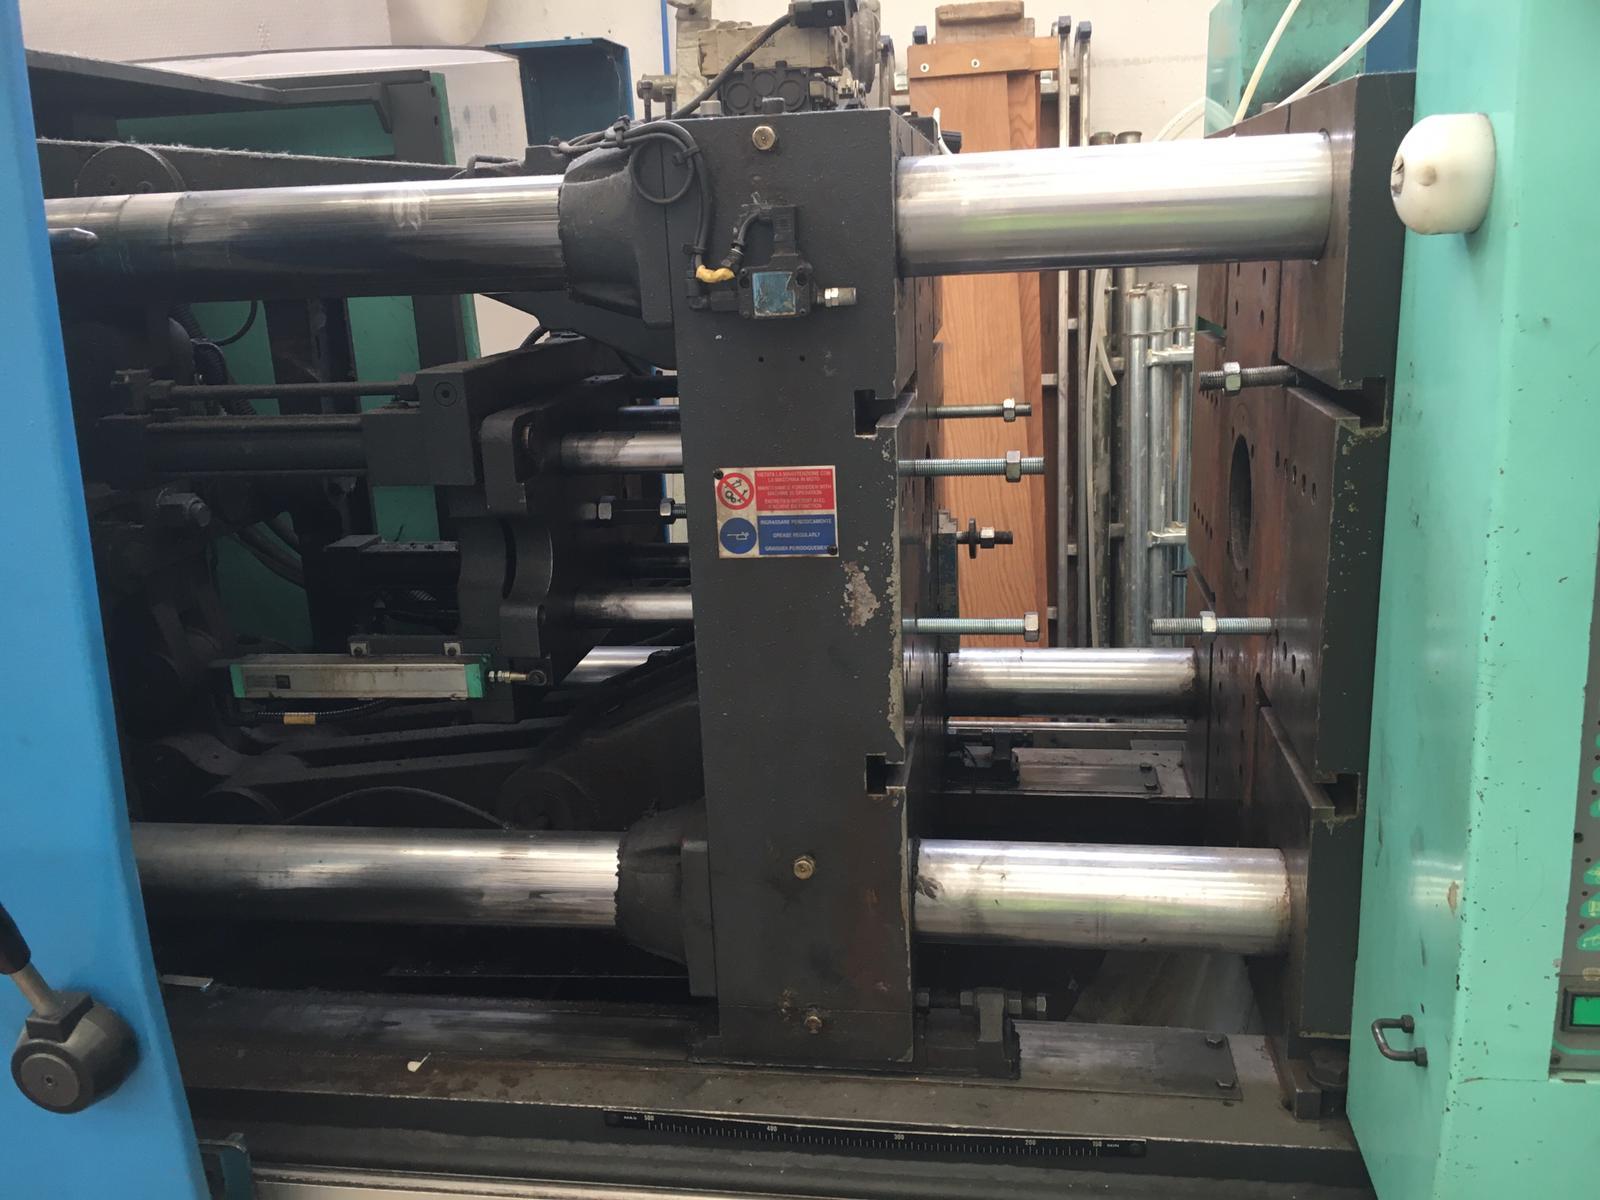 Pressa a iniezione per stampaggio plastica in vendita - foto 7